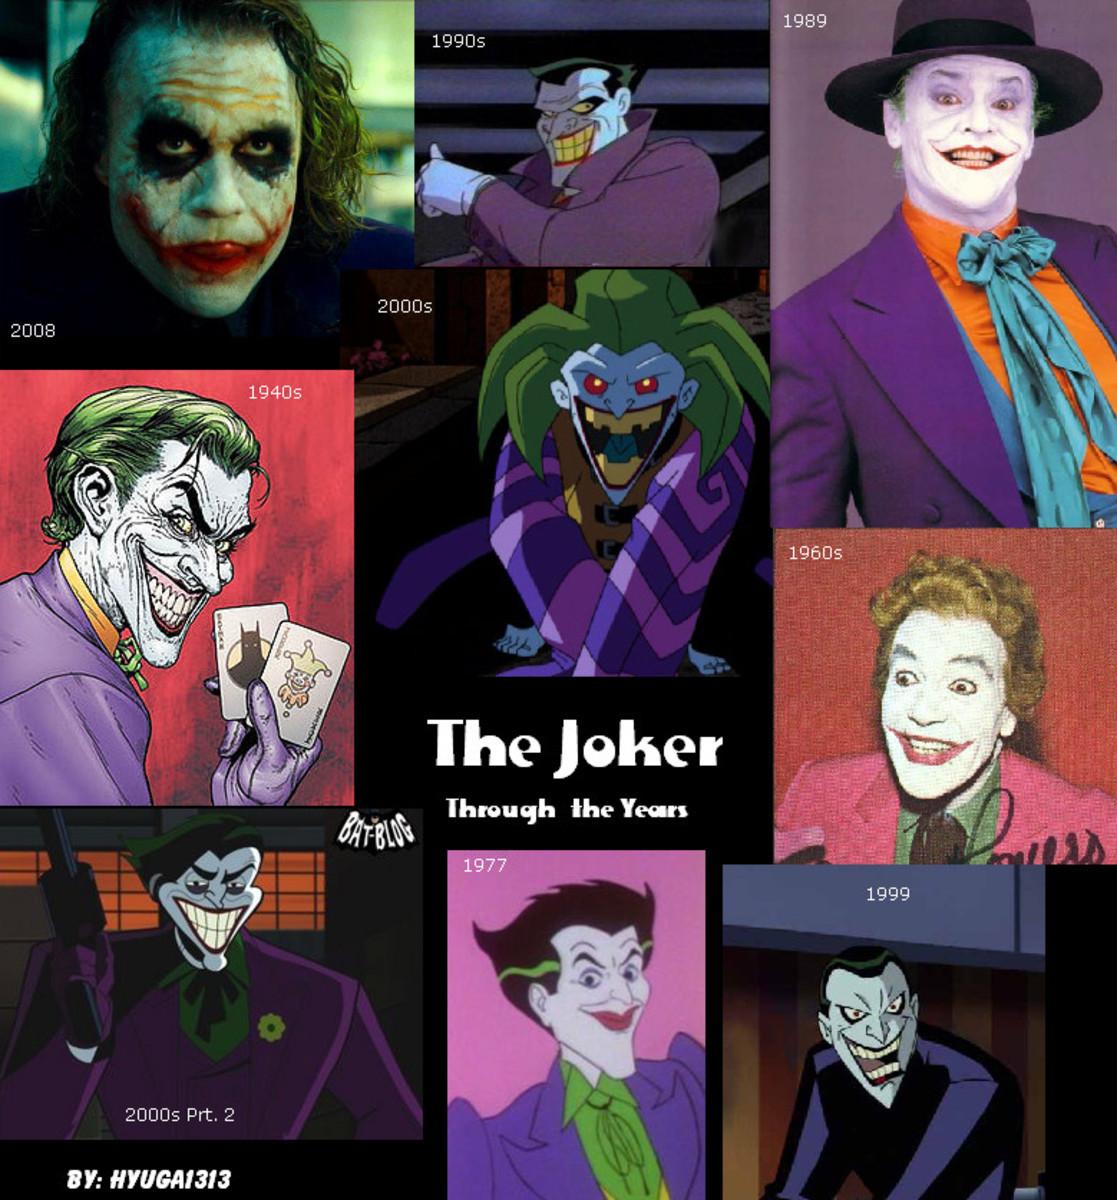 http://jokerfieddd.deviantart.com/art/The-Joker-through-the-years-118405906